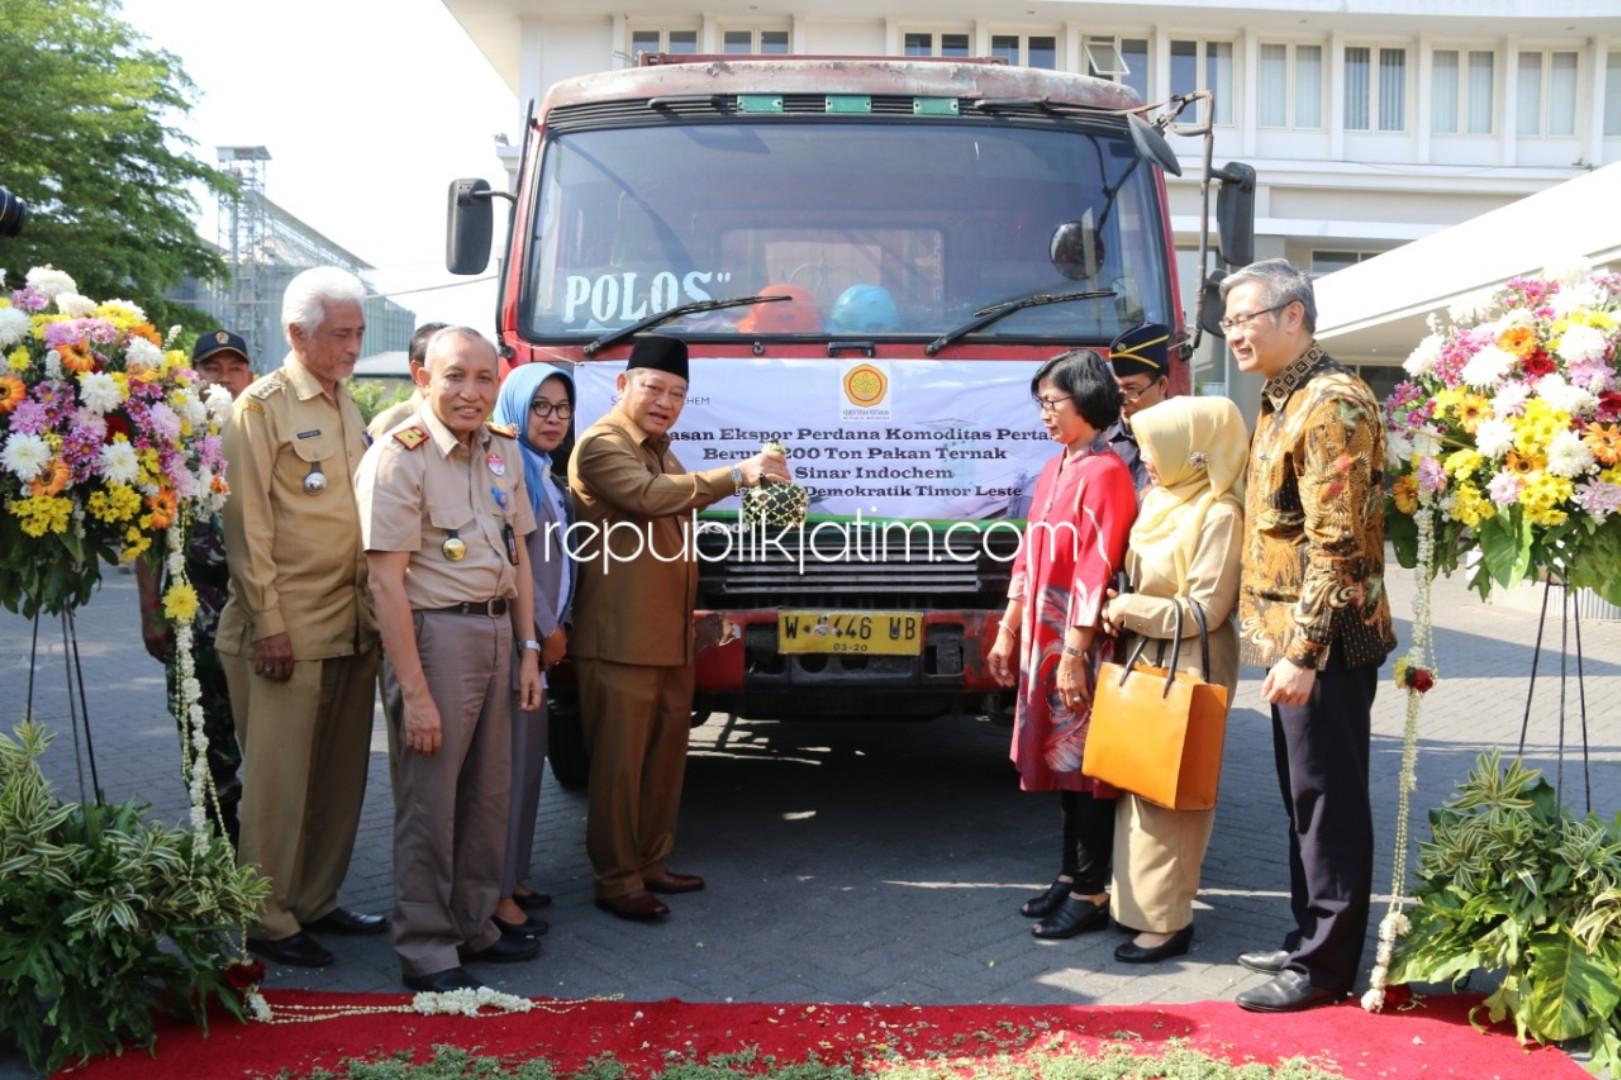 Bupati Berangkatkan Ekspor 200 Ton Pakan Ternak, Sidoarjo Jadi Kota Ekspor